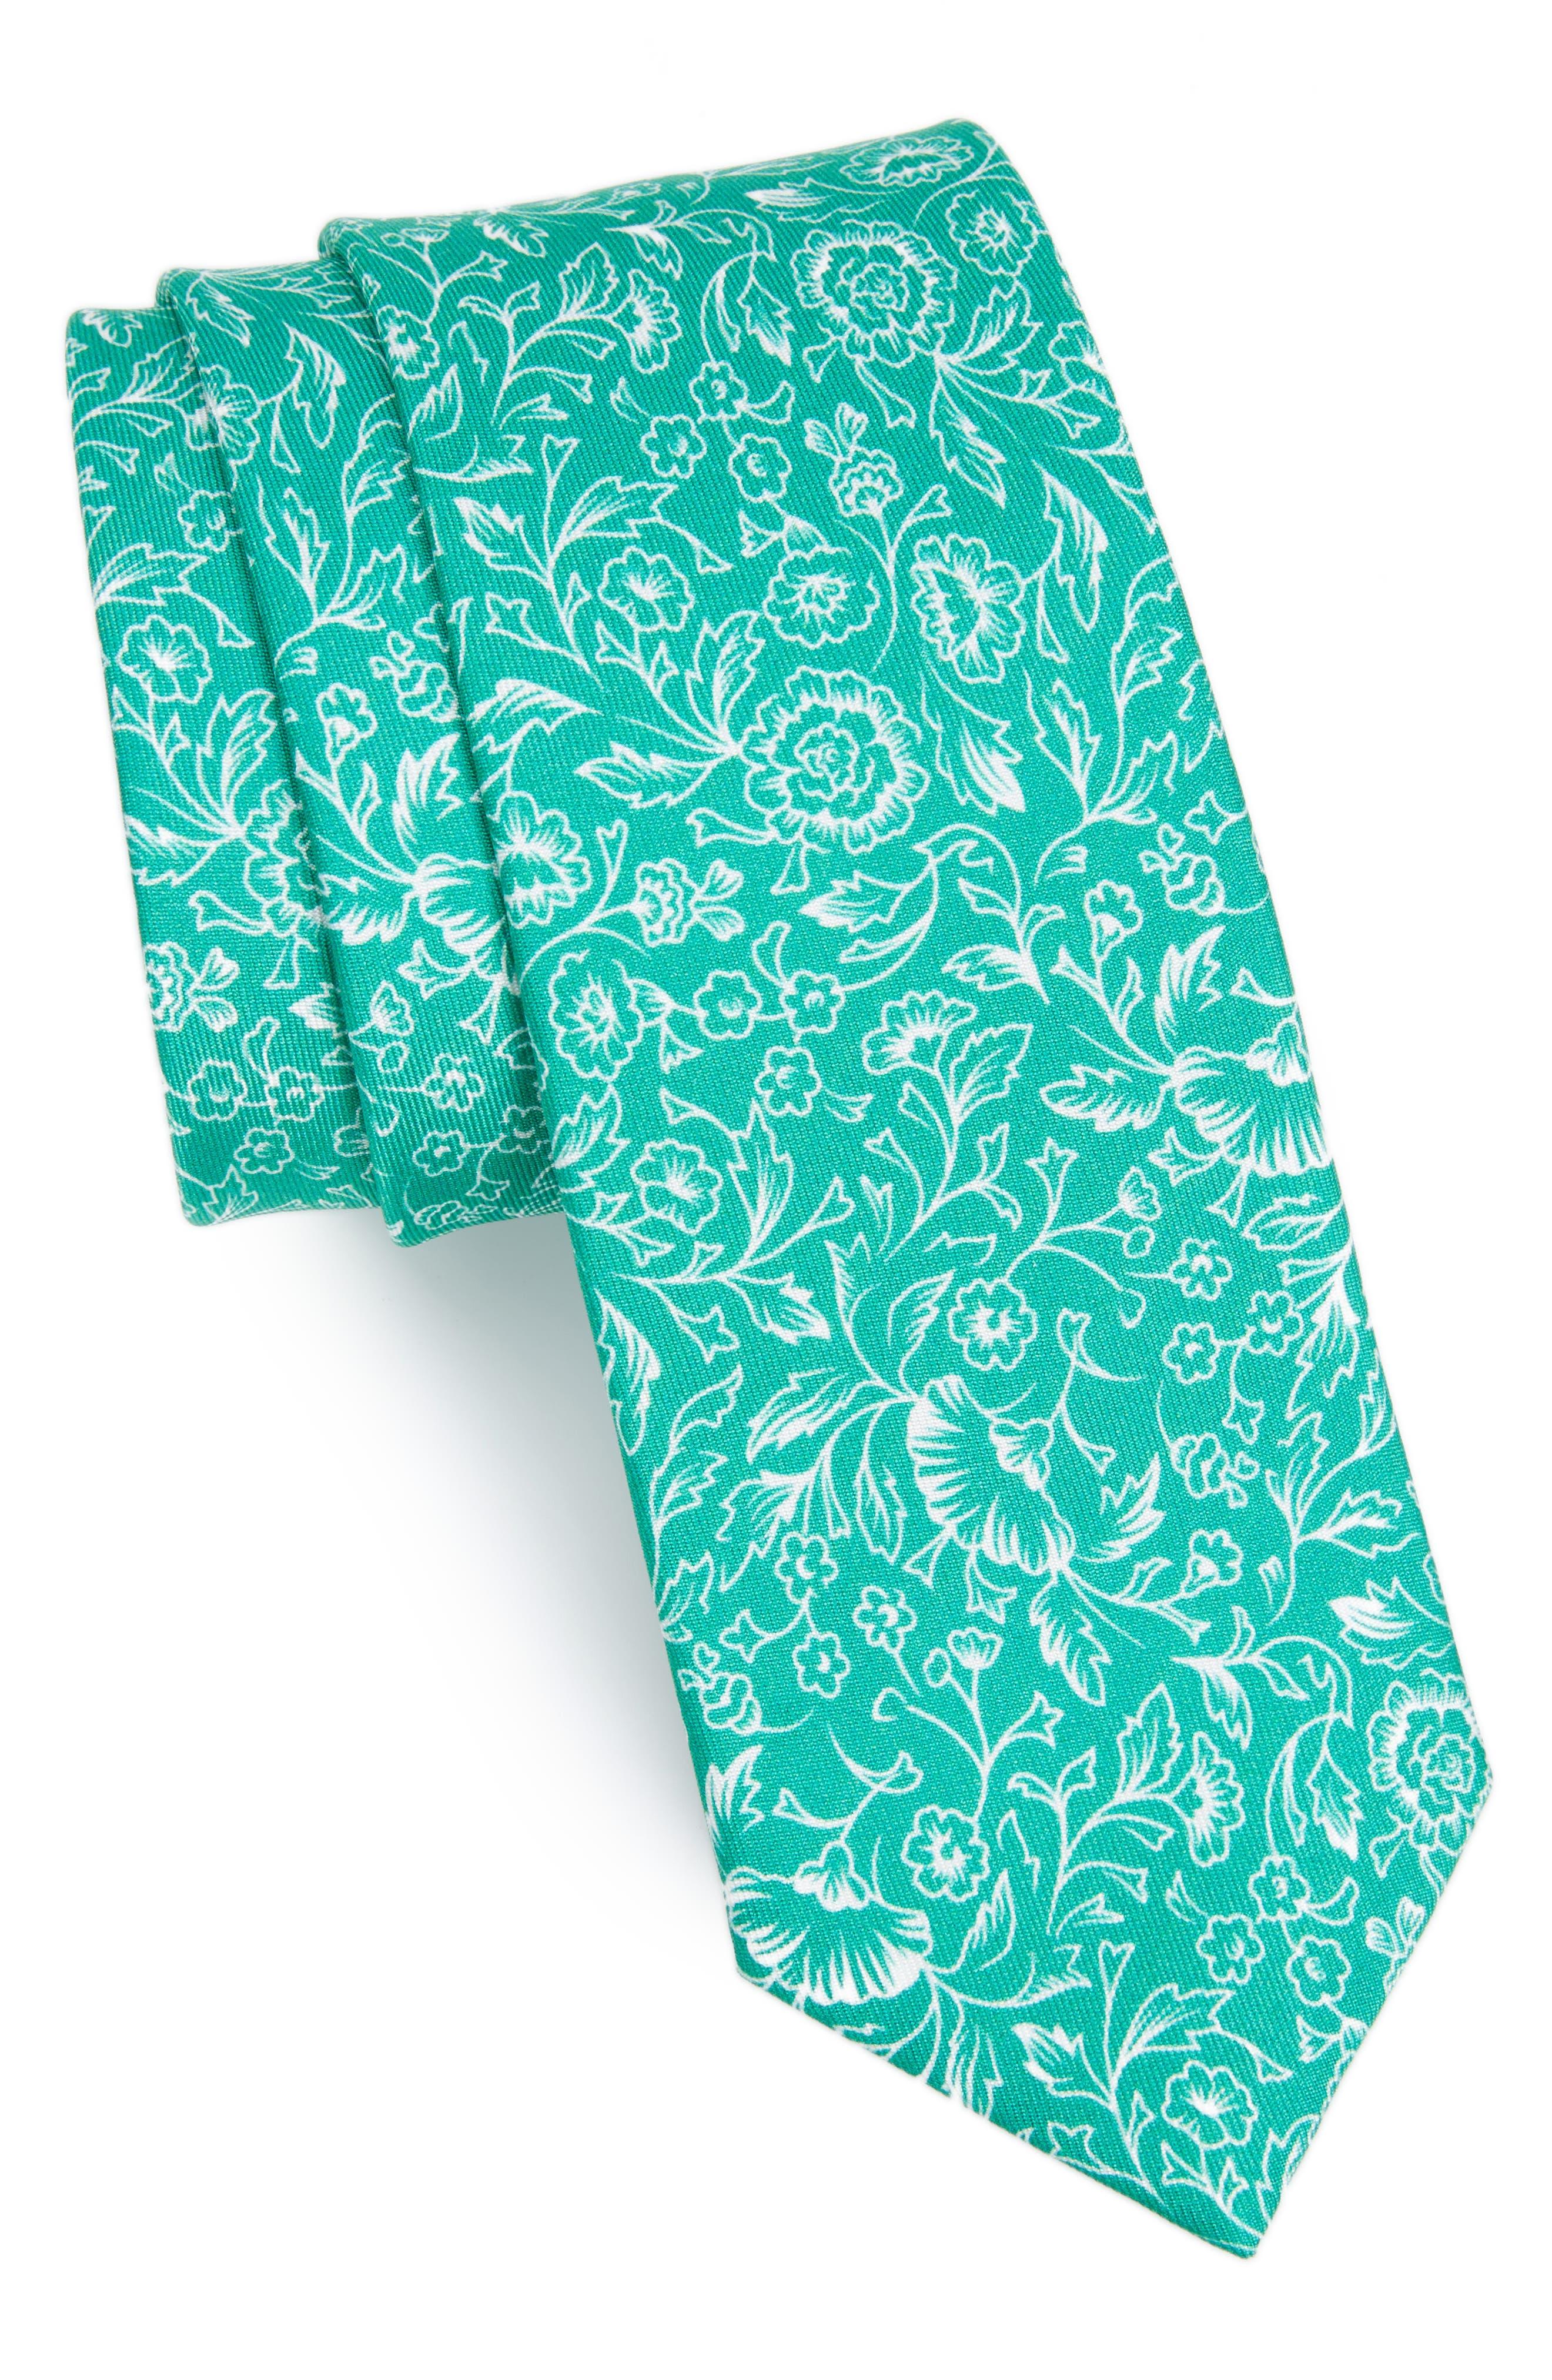 The Tie Bar Bracken Blossom Silk Tie